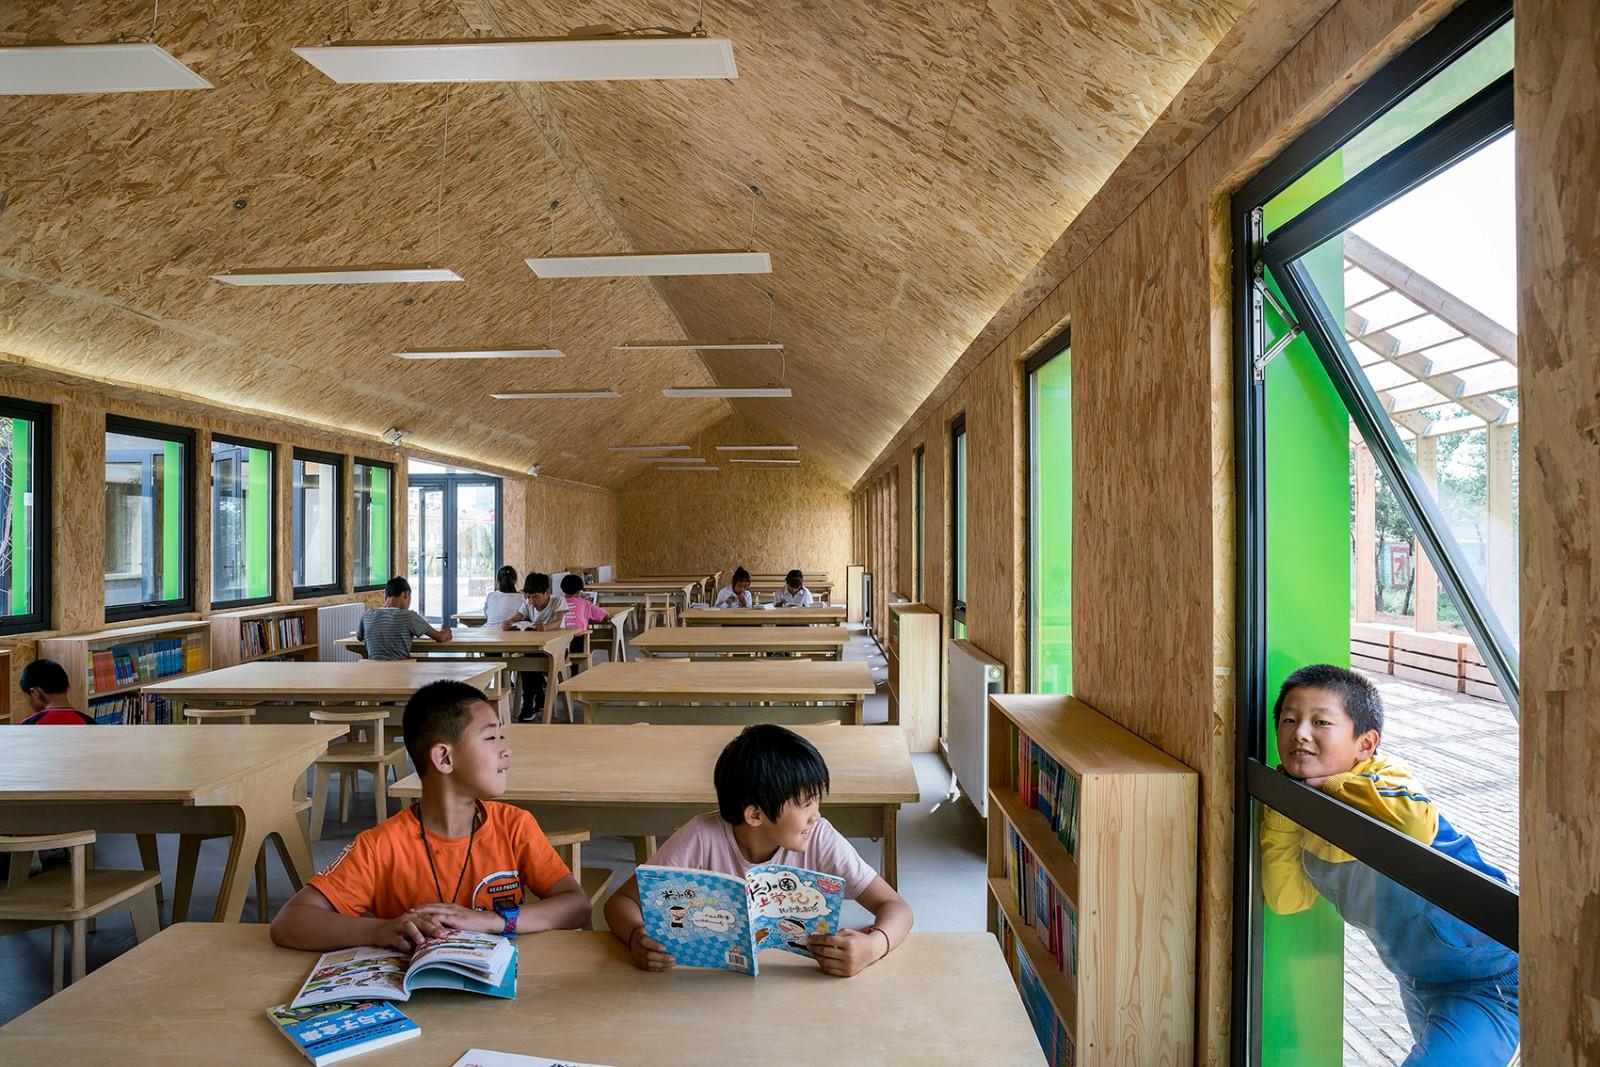 河北张北县二台镇华夏之星初心图书馆建筑设计/度态建筑